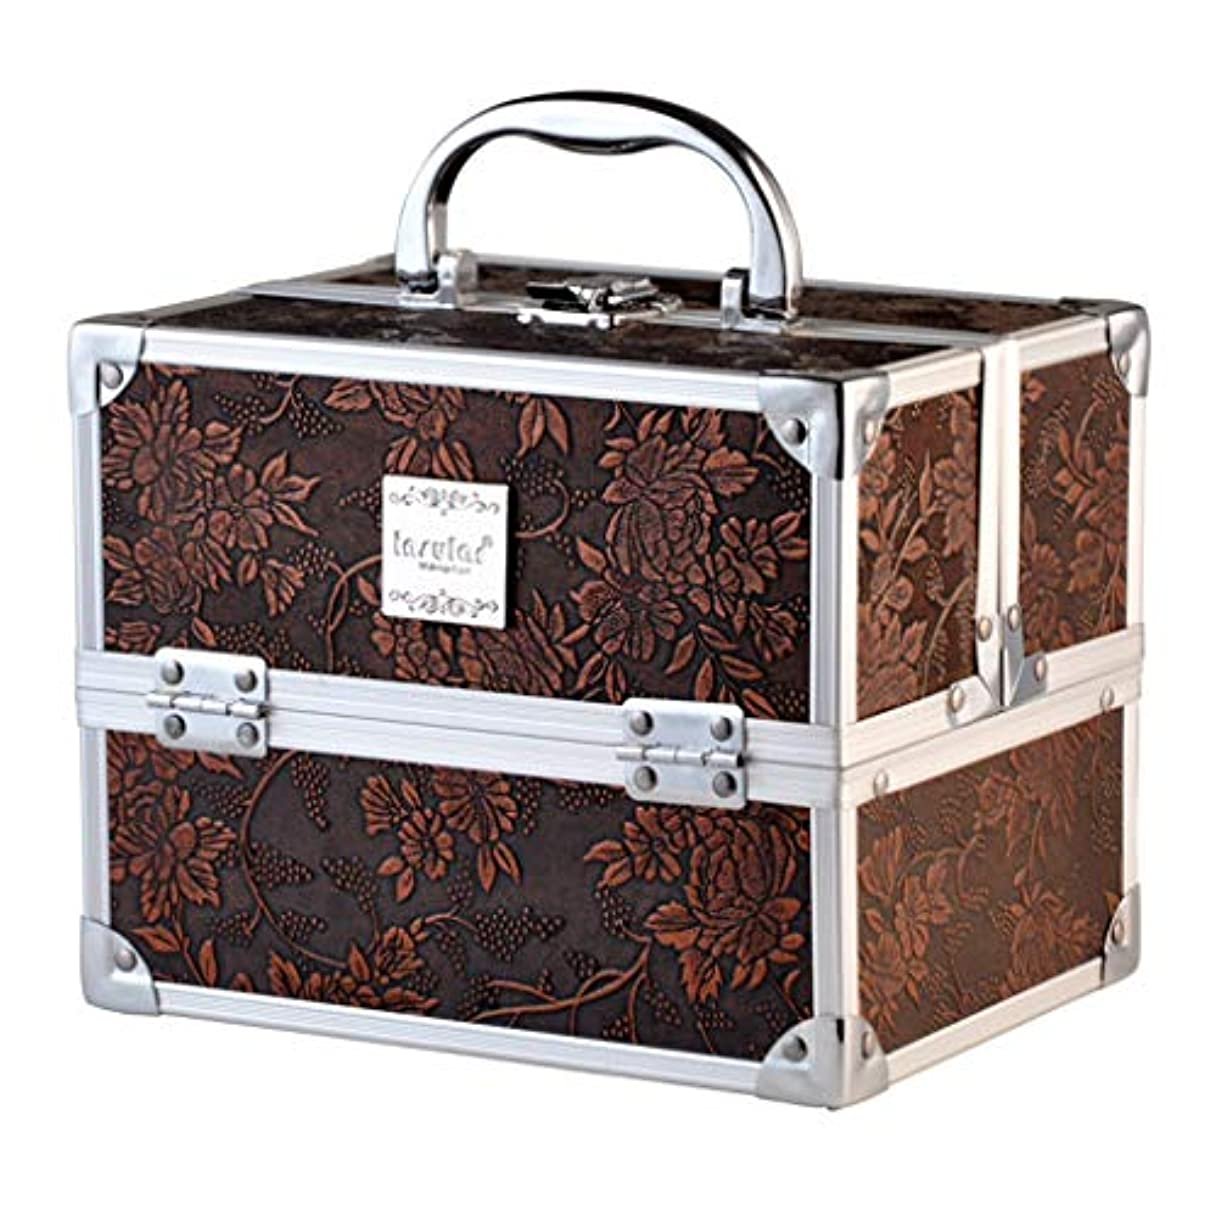 [テンカ]メイクボックス コスメボックス 化粧箱 スライドトレイ 収納ボックス 収納ケース 観音開き 化粧品?化粧道具入れ 自宅?出張?旅行?アウトドア撮影 プロ用 大容量 取っ手付 多機能 工具箱 ツールボックス